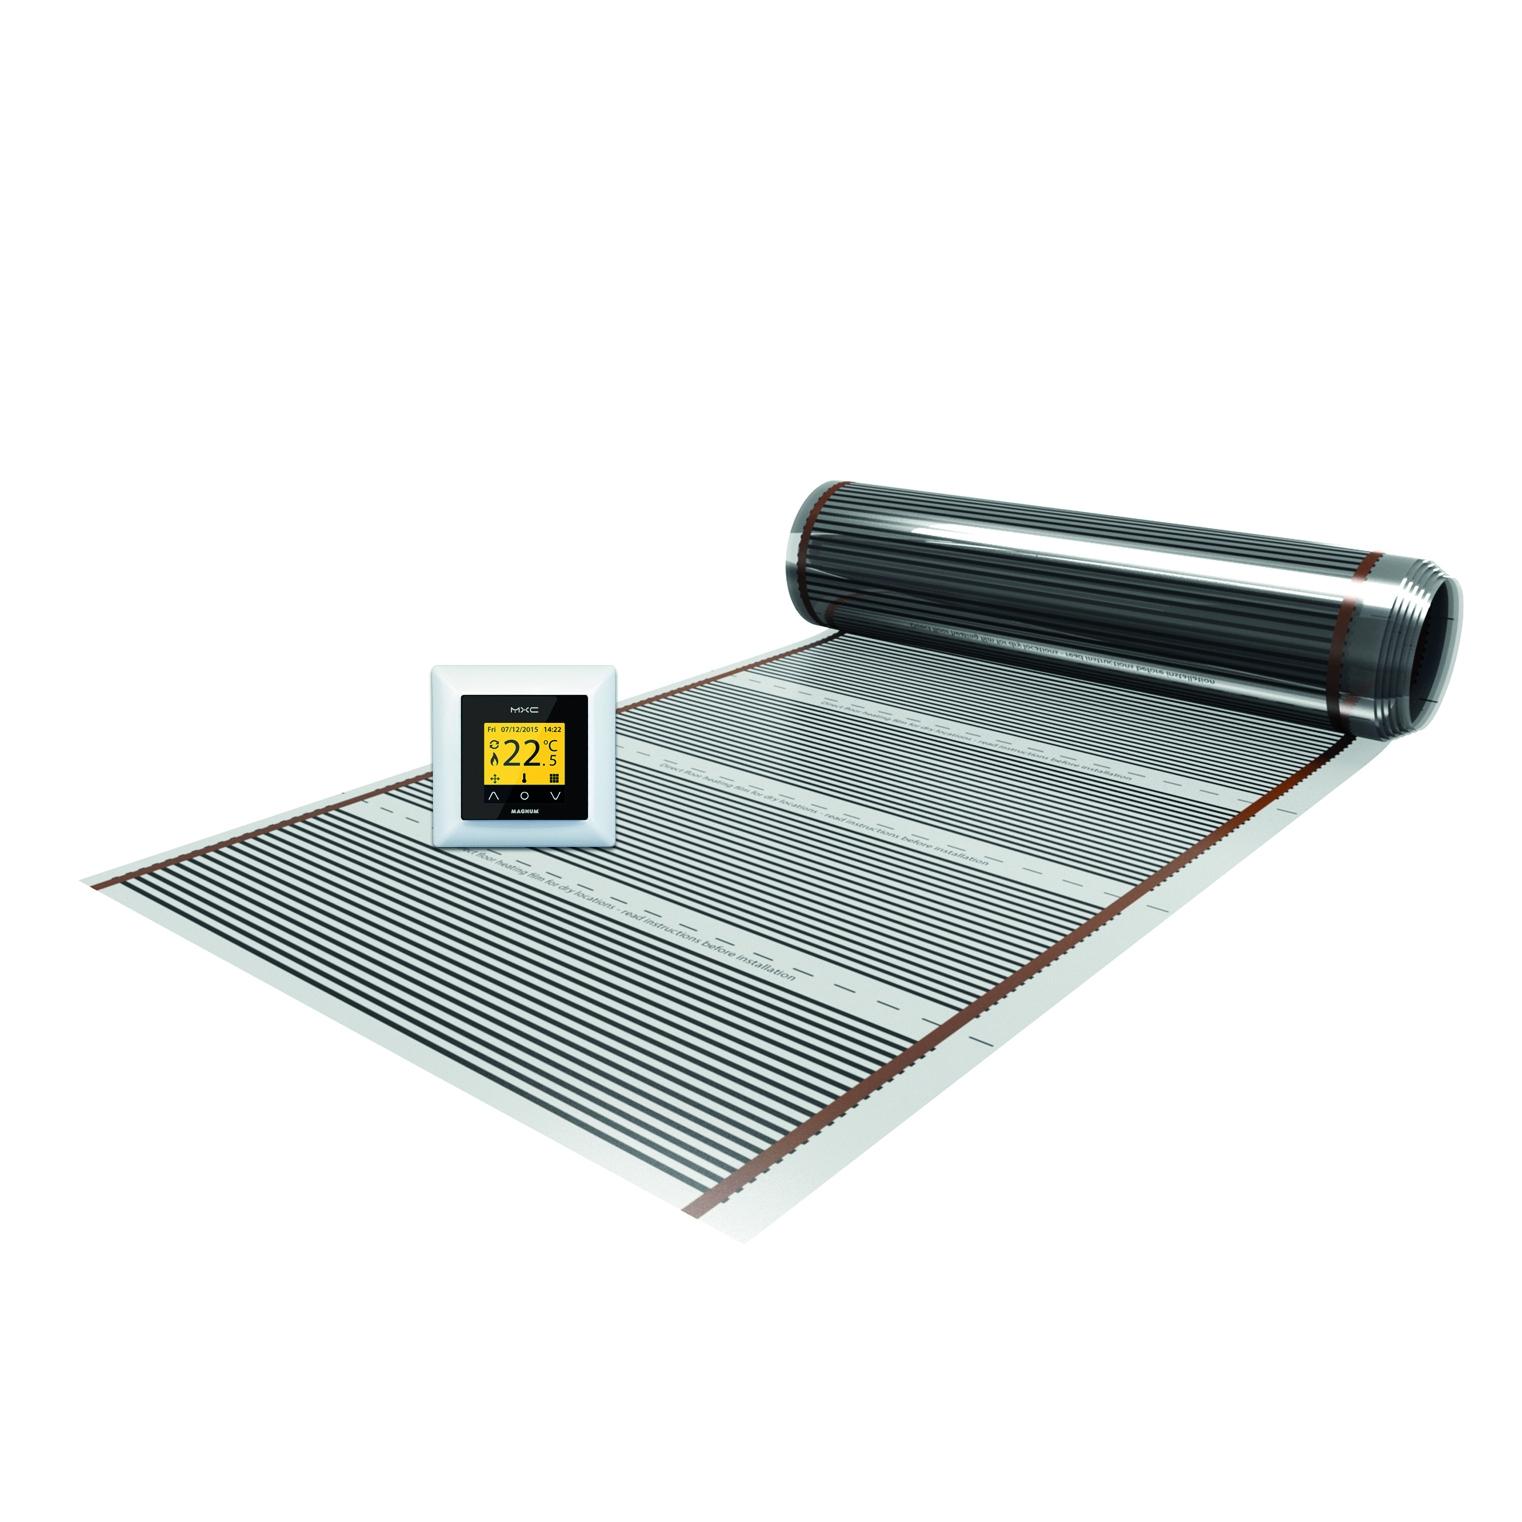 Magnum Foil elektrische vloerverwarming incl. klokthermostaat 15m2 1800W